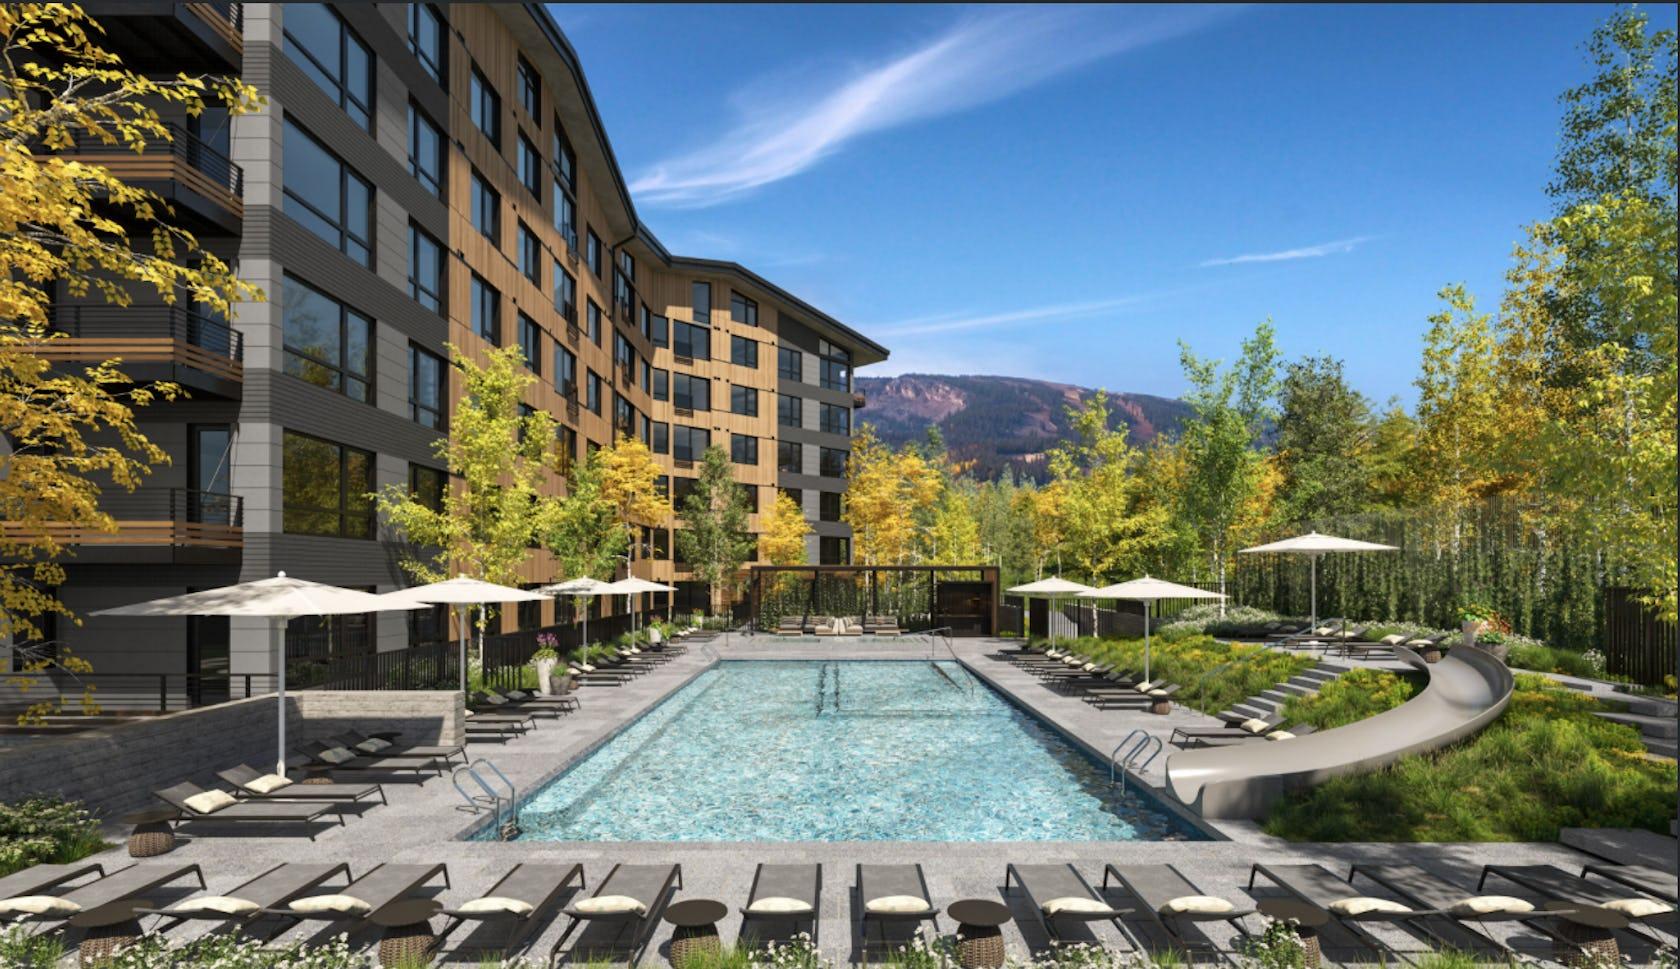 resort building hotel pool water